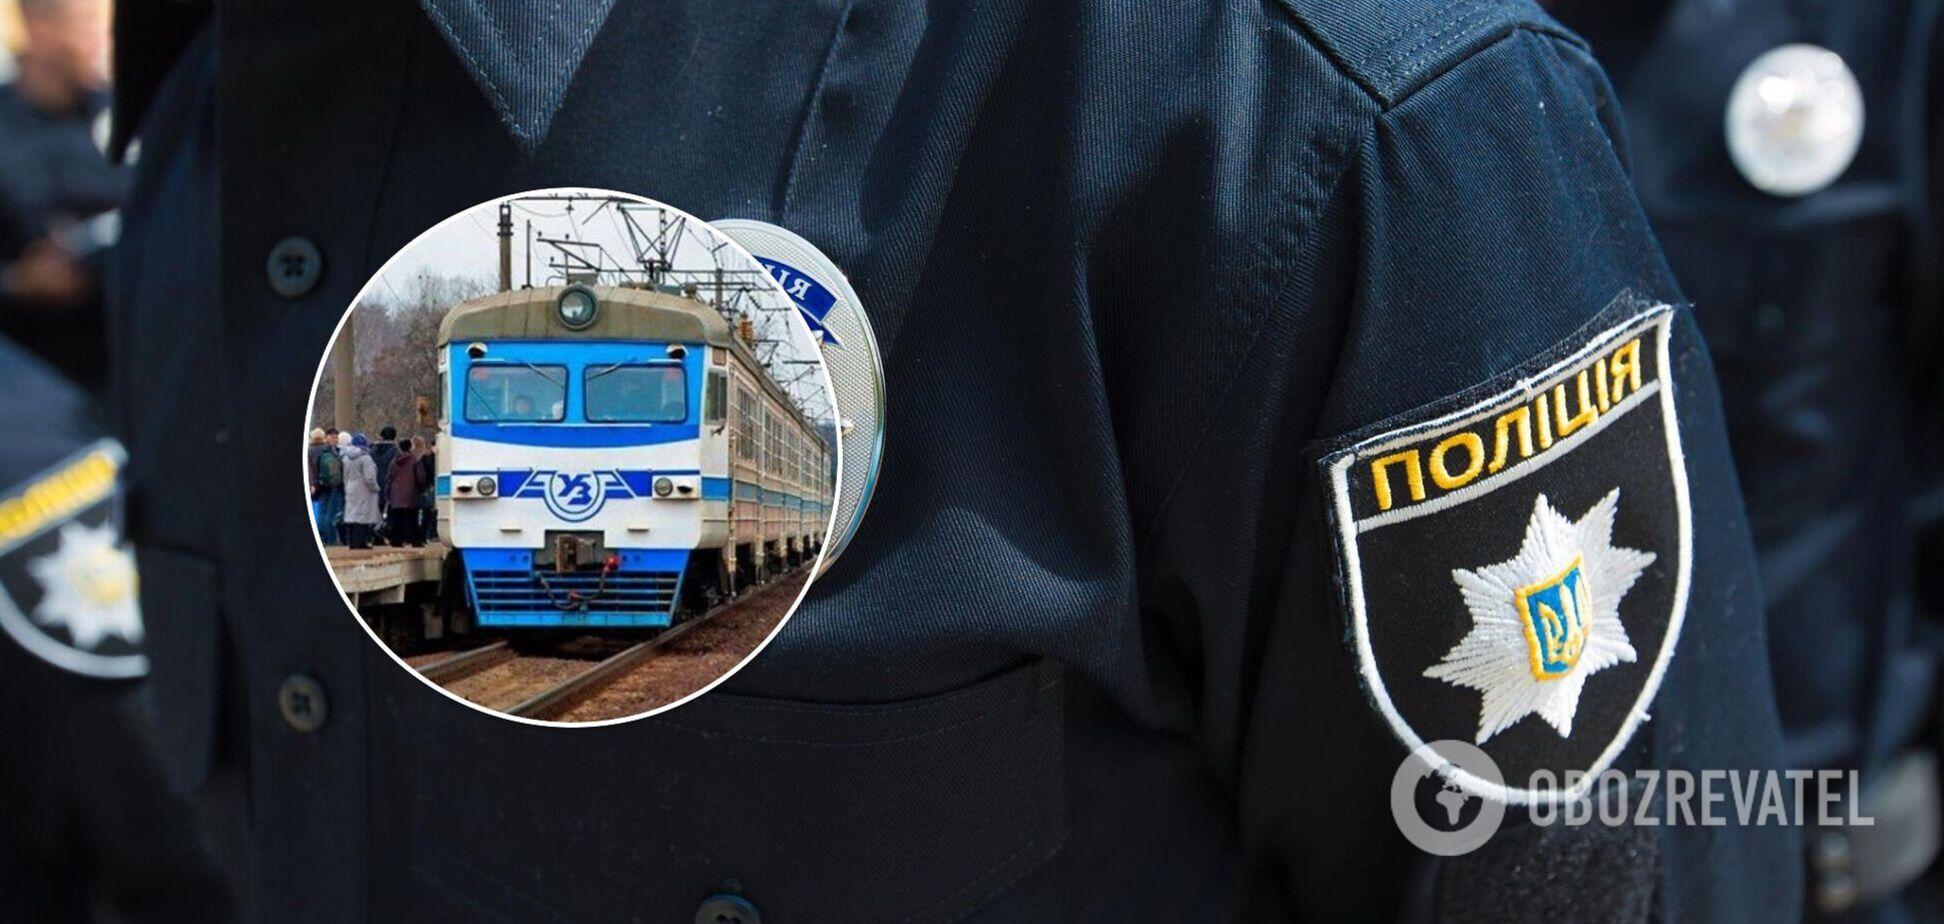 Інцидент трапився на станції «Сирець»